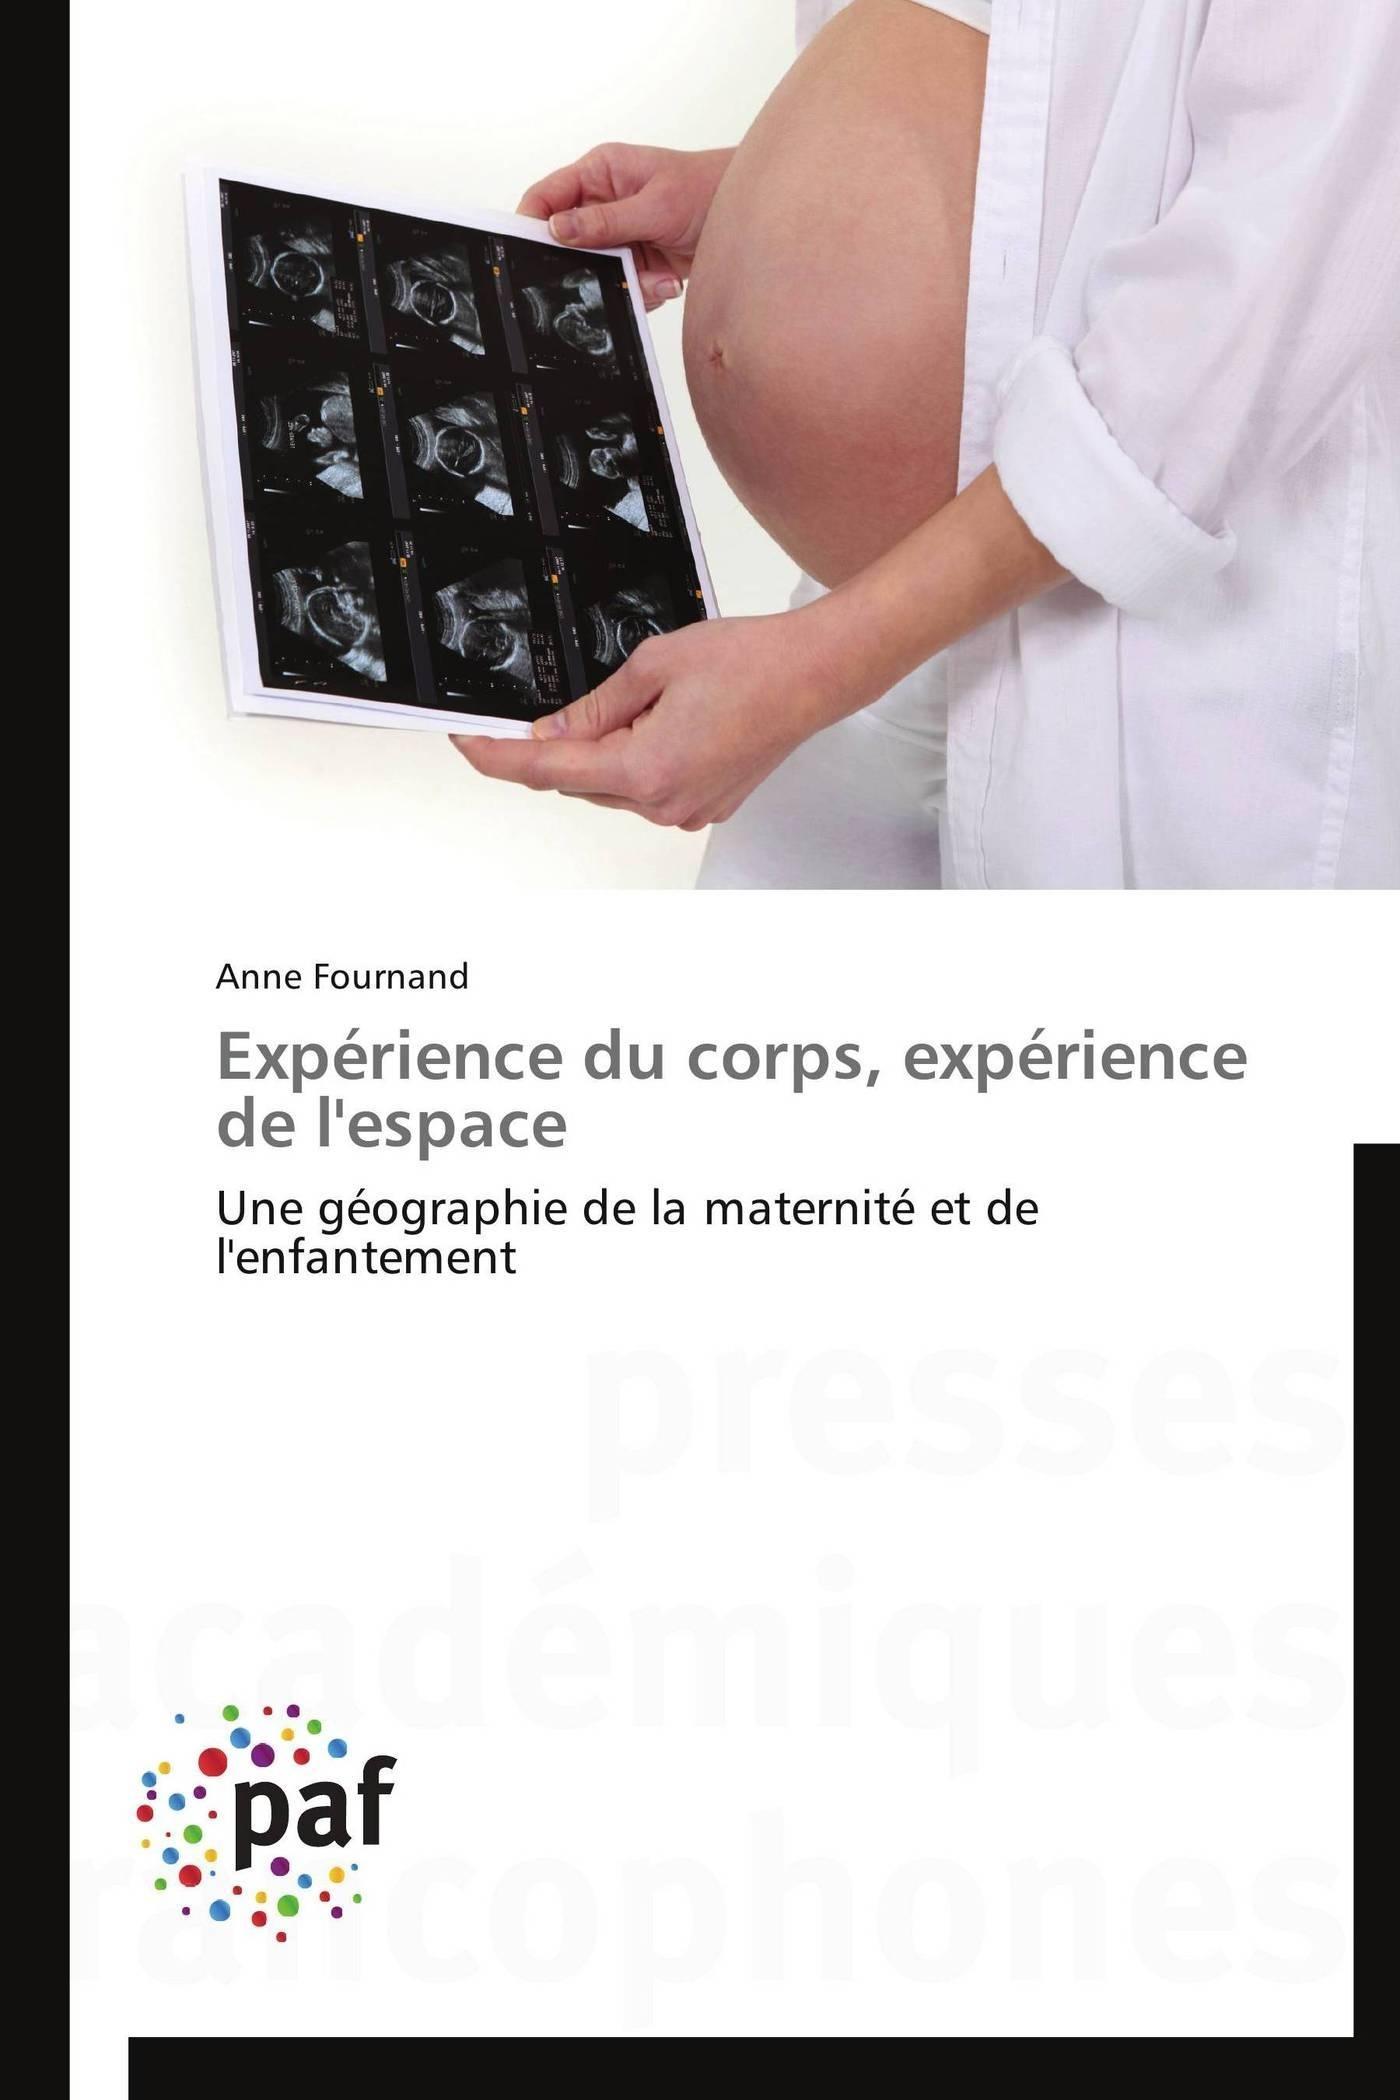 EXPERIENCE DU CORPS, EXPERIENCE DE L'ESPACE